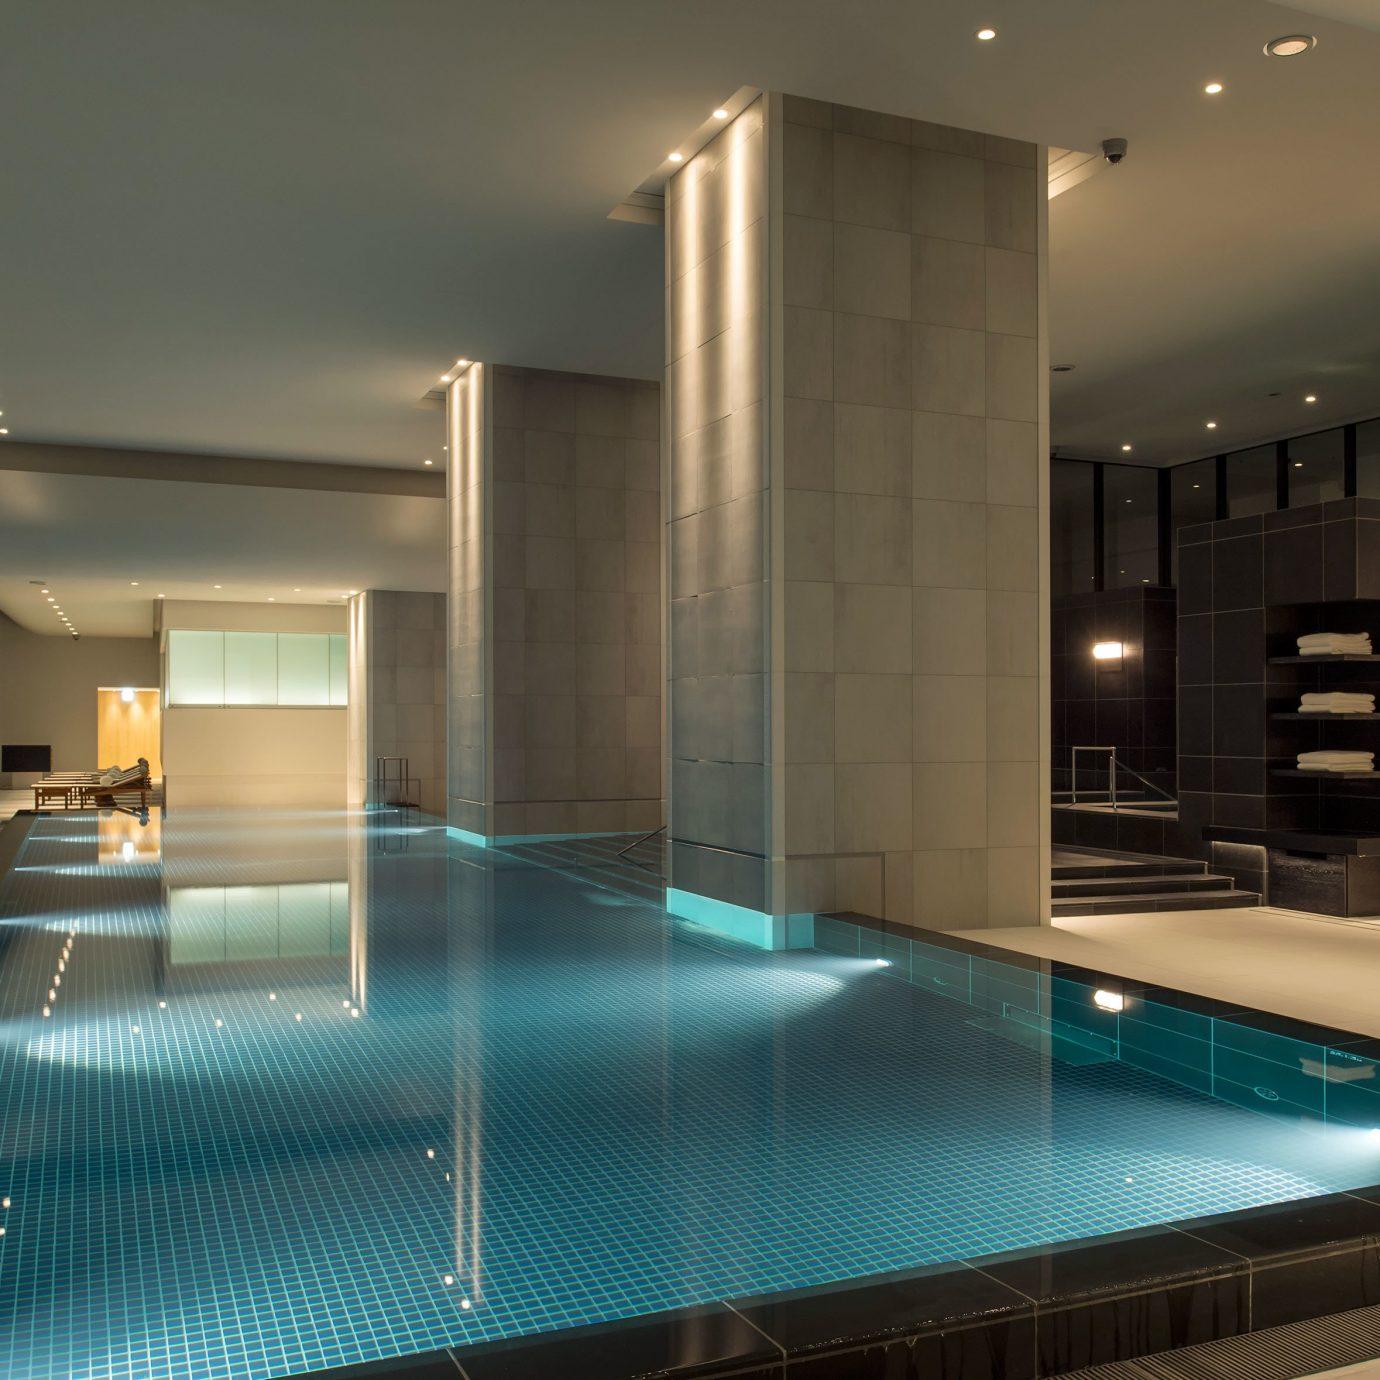 Hotels Japan Tokyo swimming pool lighting daylighting condominium Lobby